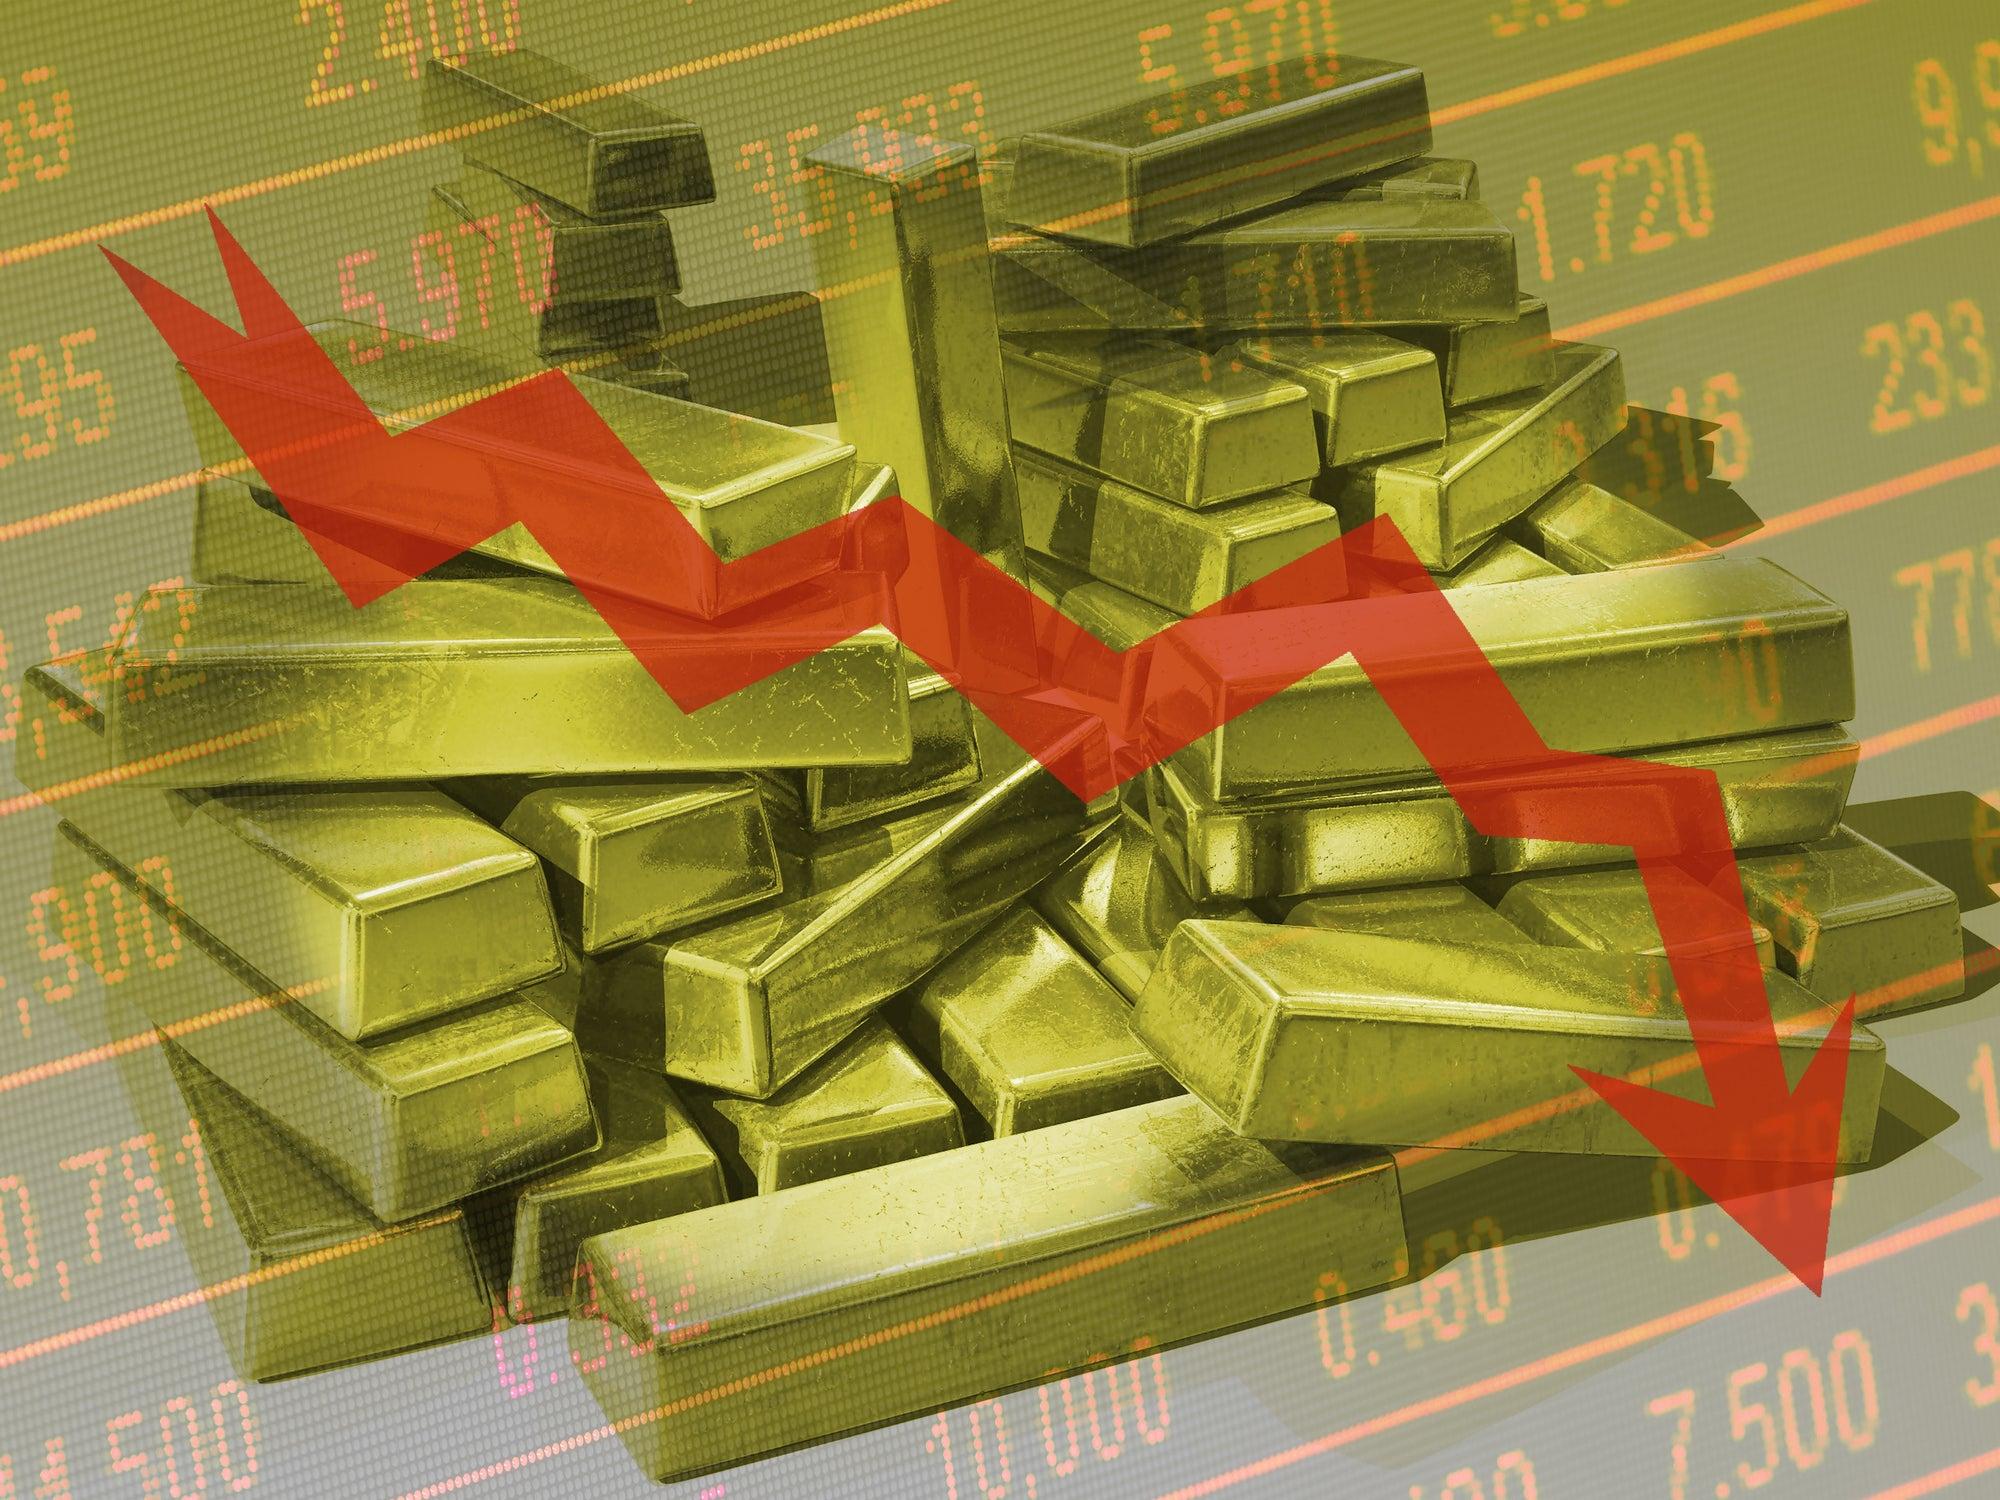 Korkutan Tahmin: Altın Fiyatı Ağustos'ta Bu Seviyelere Düşecek!